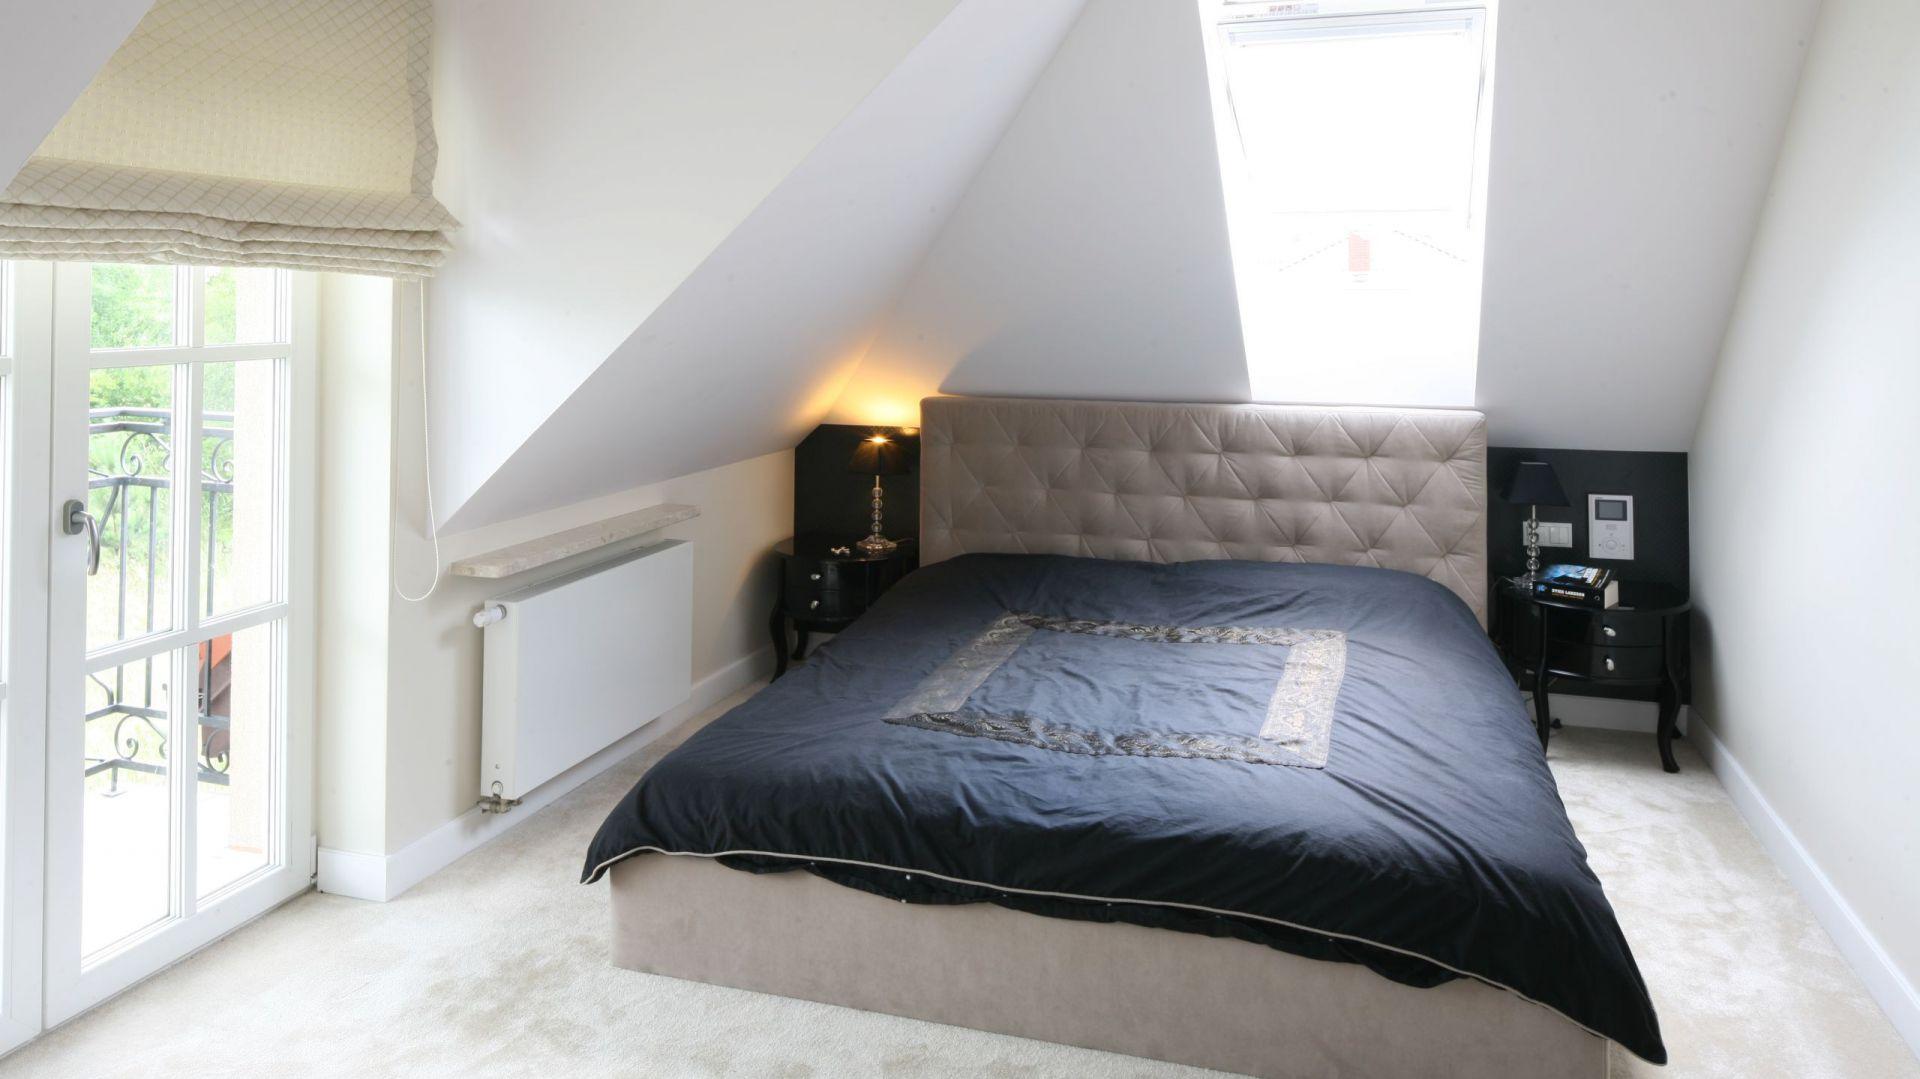 Skosy spowodowane kształtem więźby dachowej, nie ułatwiają zadania projektantom wnętrz. W sypialni udało się wpasować wygodne łóżko z szafkami nocnymi po obu stronach. Fot. Bartosz Jarosz.